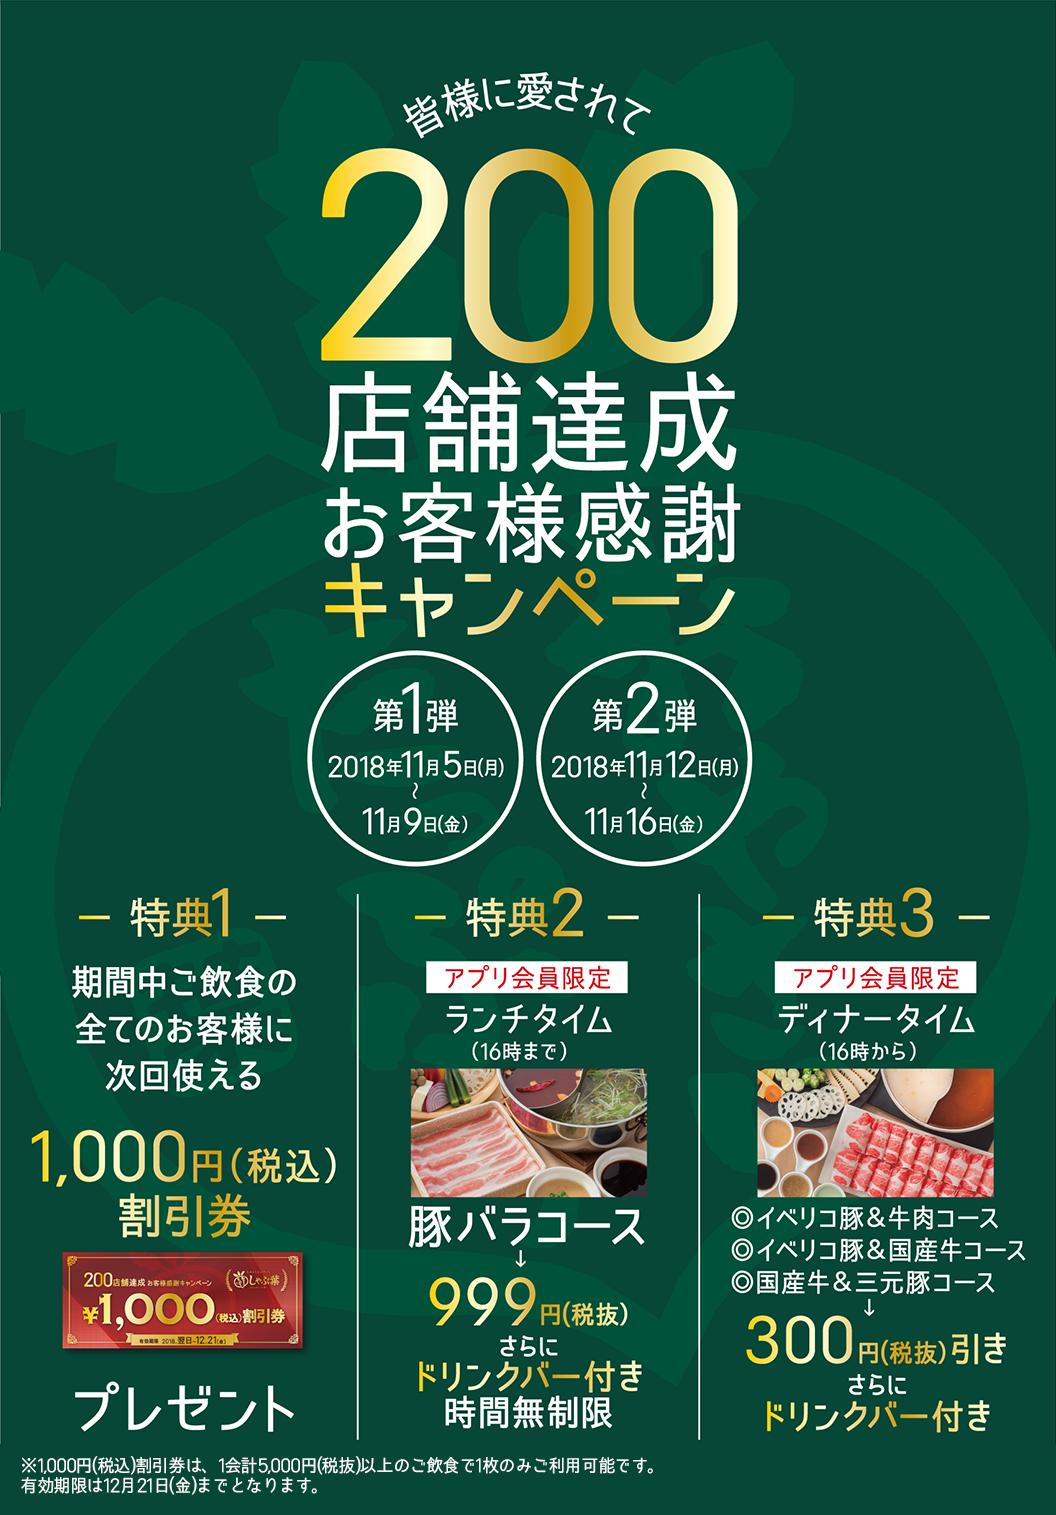 すかいらーくのしゃぶ葉で200店舗達成キャンペーン。1000円割引券、ランチ限定豚バラ食べ放題999円、ディナータイム300円引き、更にドリンクバー付き。~11/16までの平日。